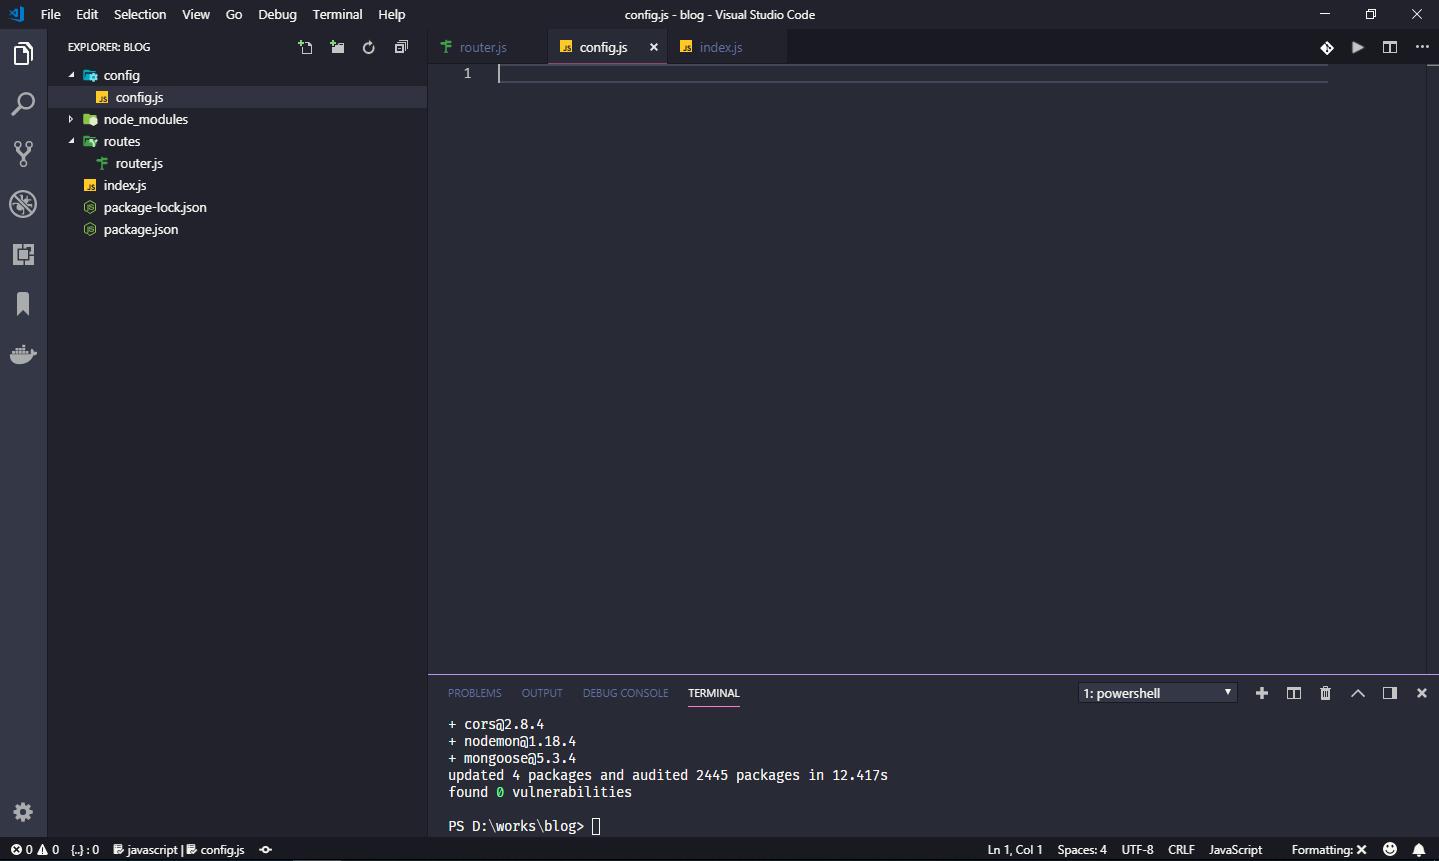 ساخت فایل config.js در پوشه config